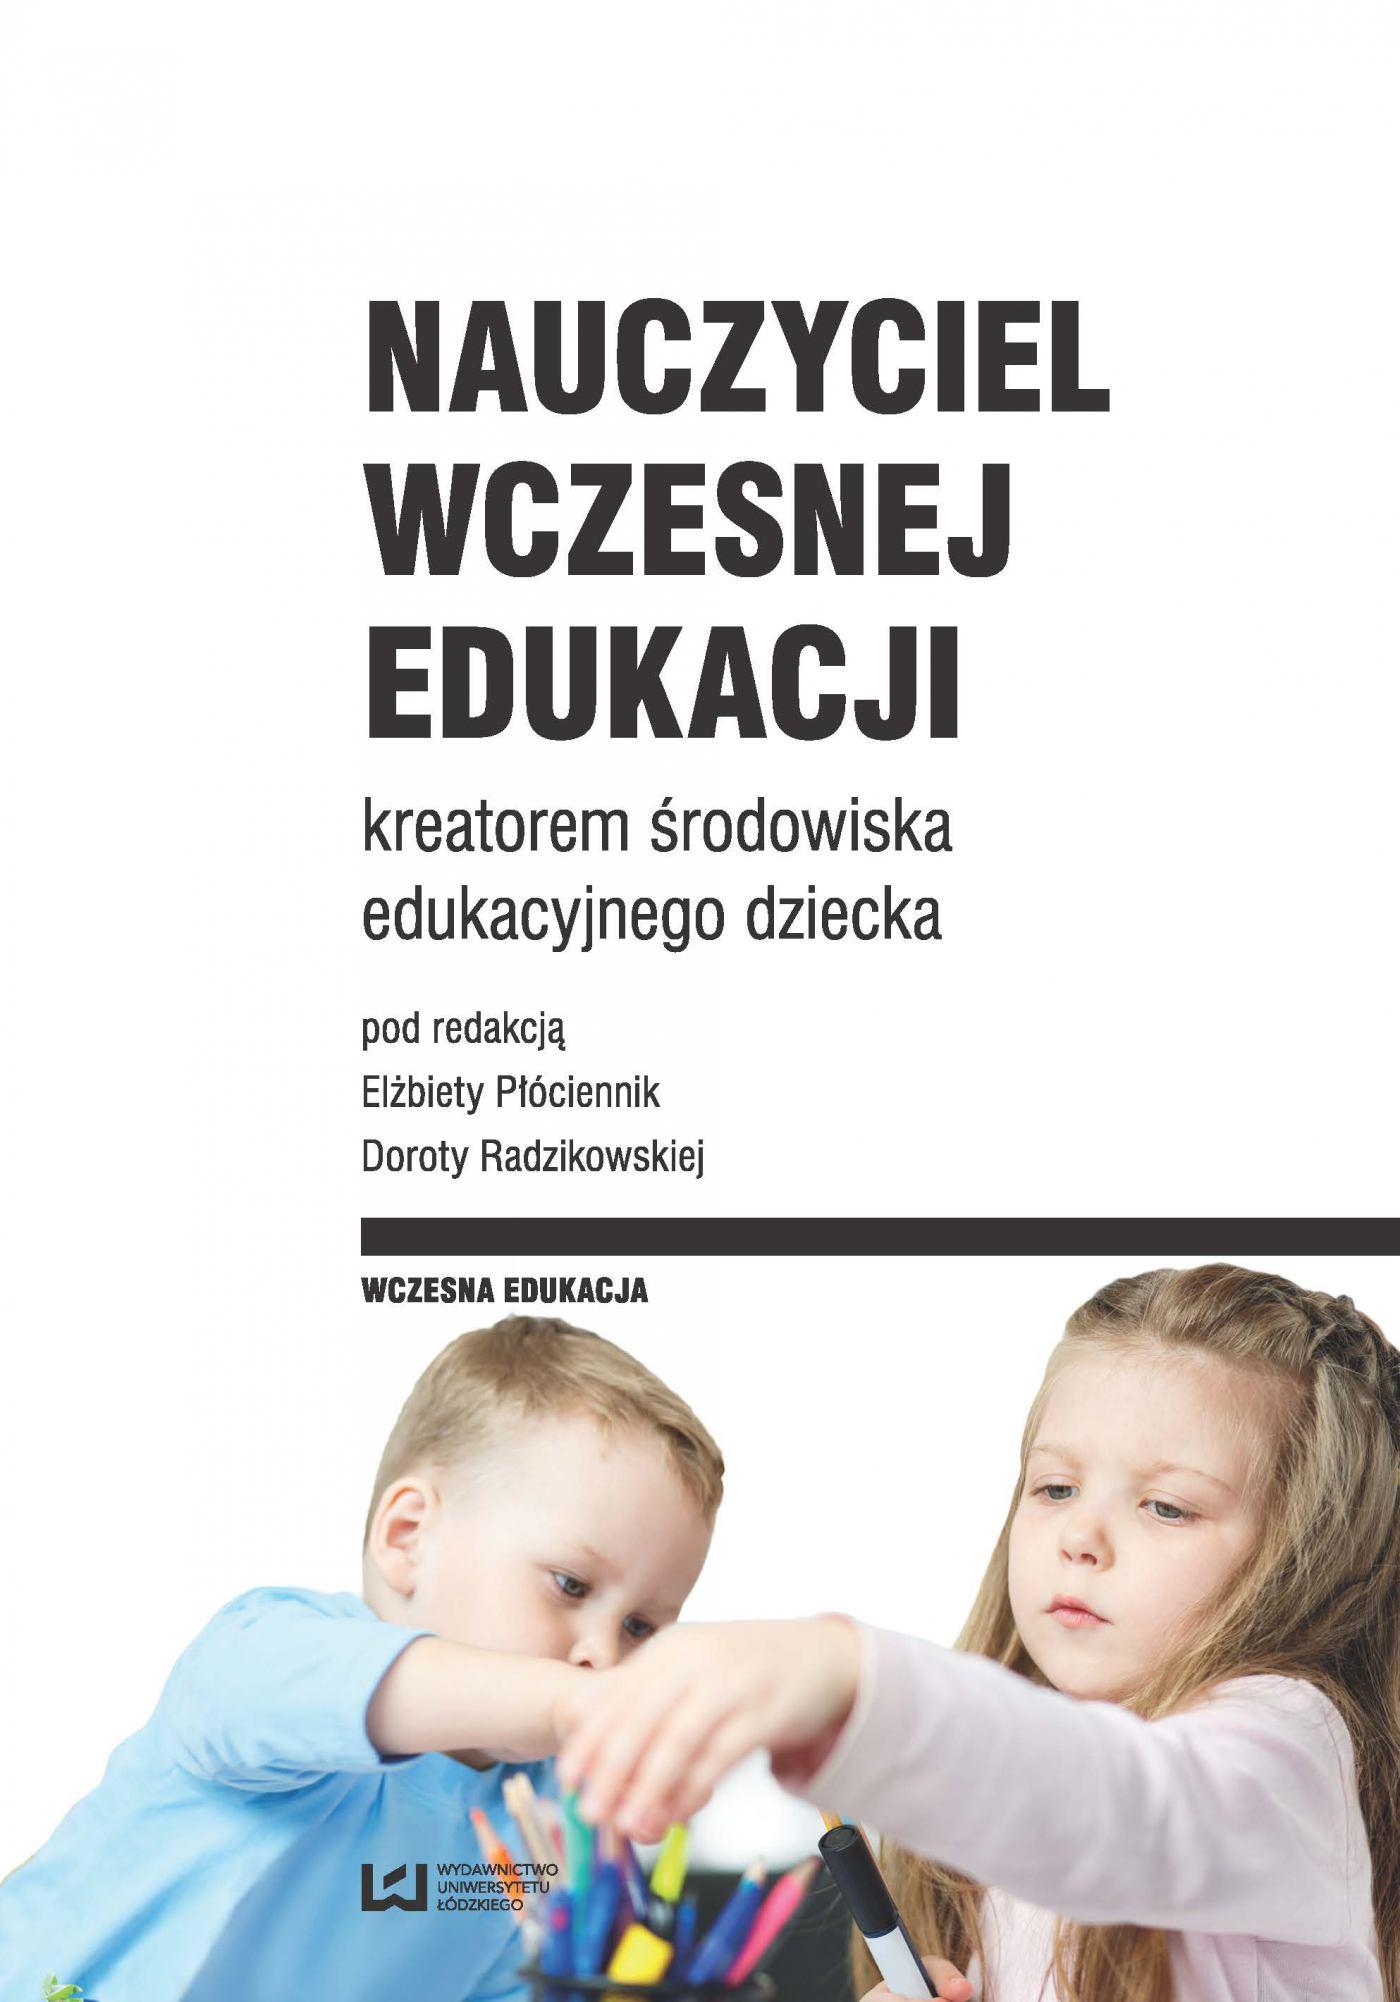 Nauczyciel wczesnej edukacji kreatorem środowiska edukacyjnego dziecka - Ebook (Książka PDF) do pobrania w formacie PDF